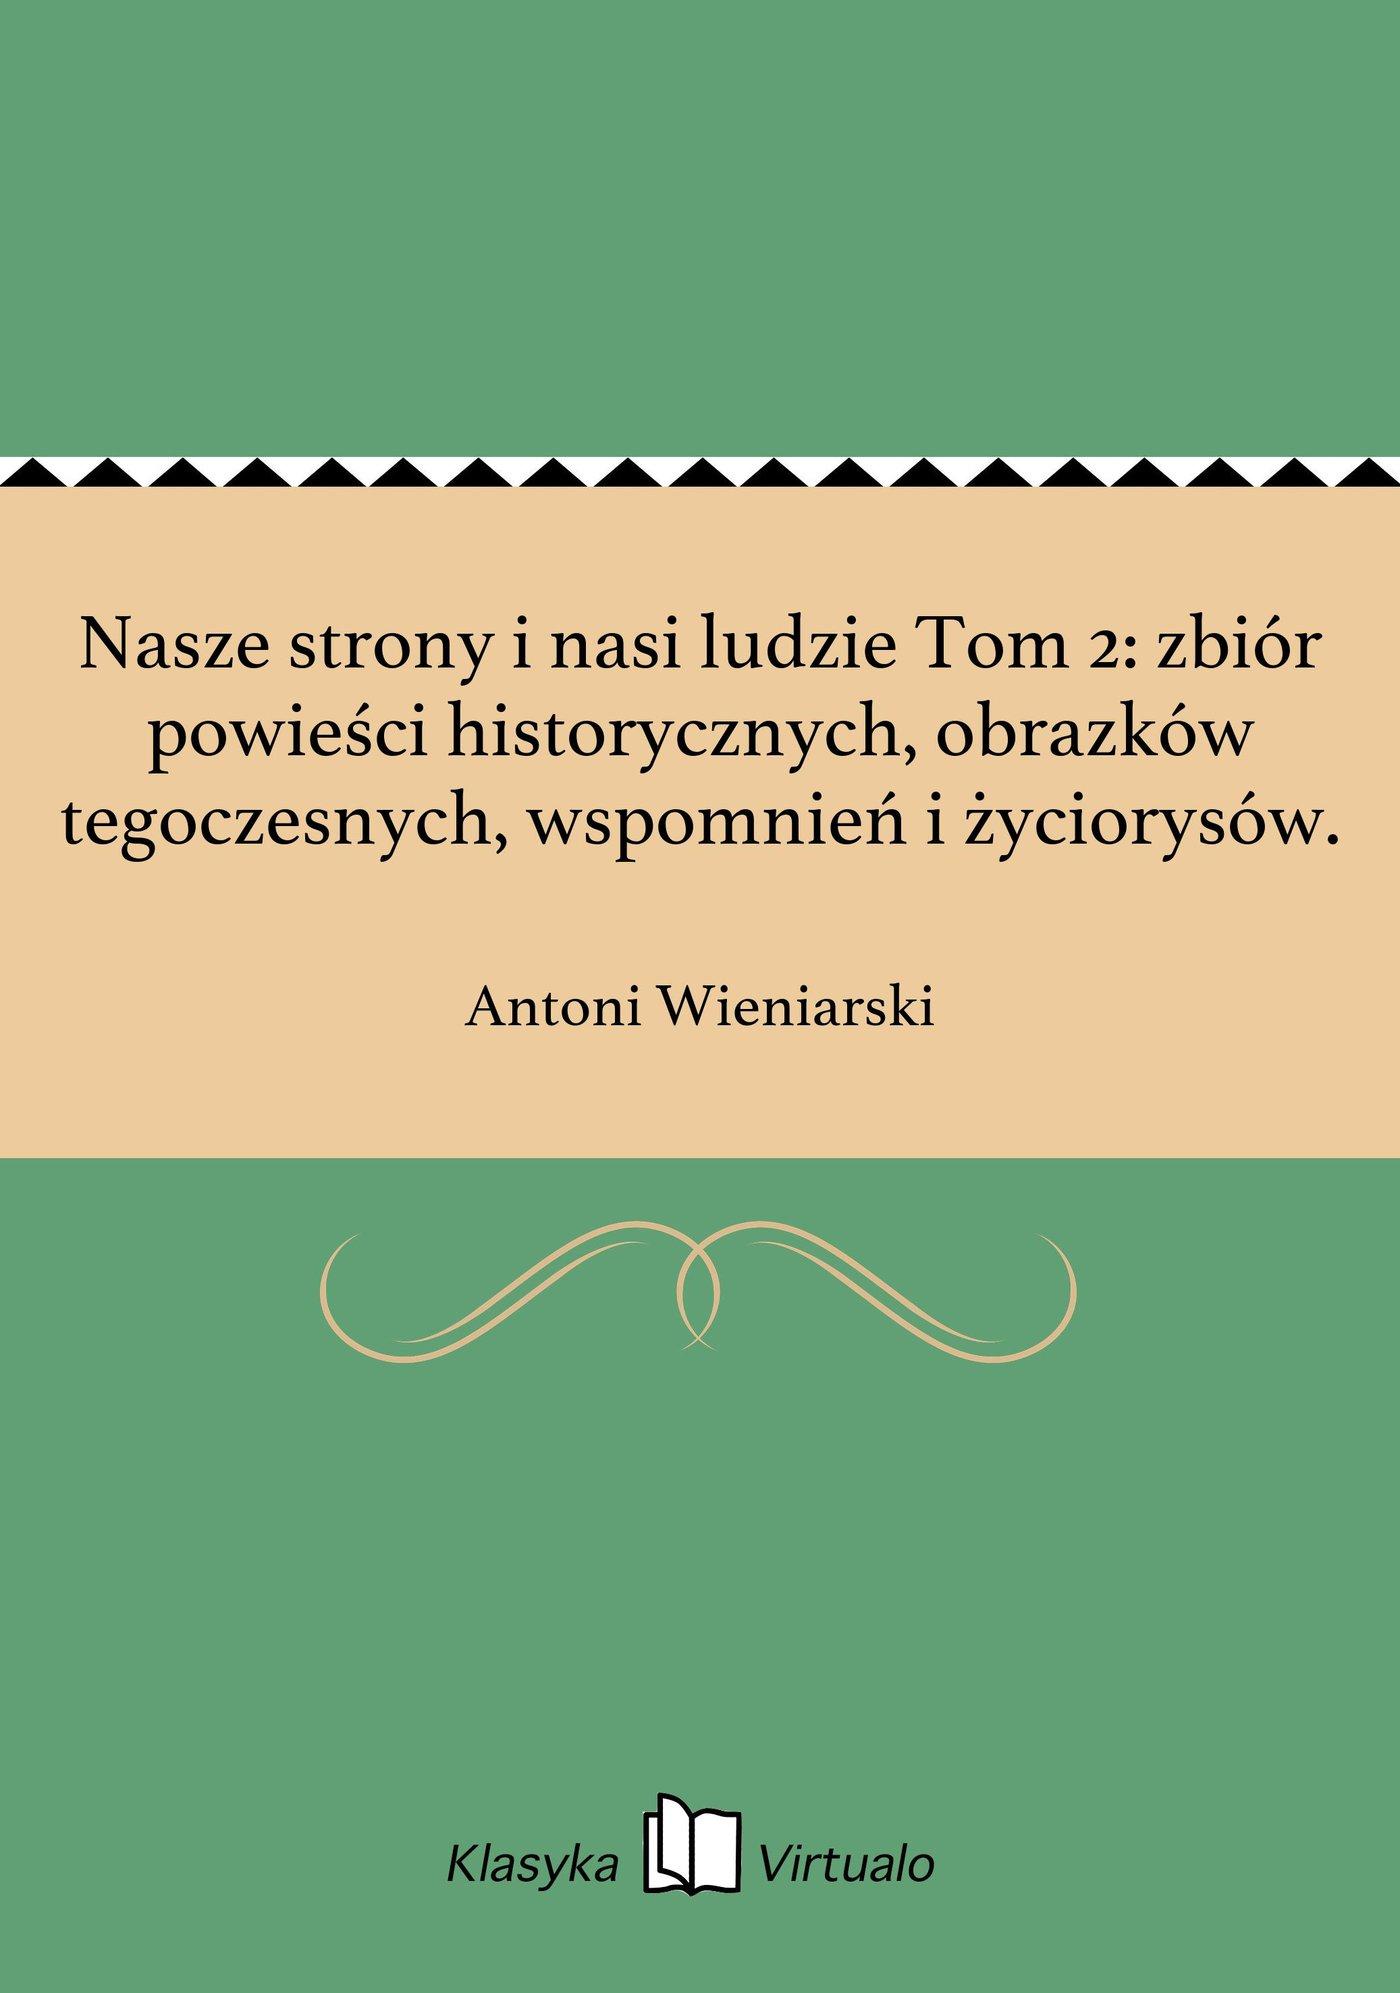 Nasze strony i nasi ludzie Tom 2: zbiór powieści historycznych, obrazków tegoczesnych, wspomnień i życiorysów. - Ebook (Książka EPUB) do pobrania w formacie EPUB